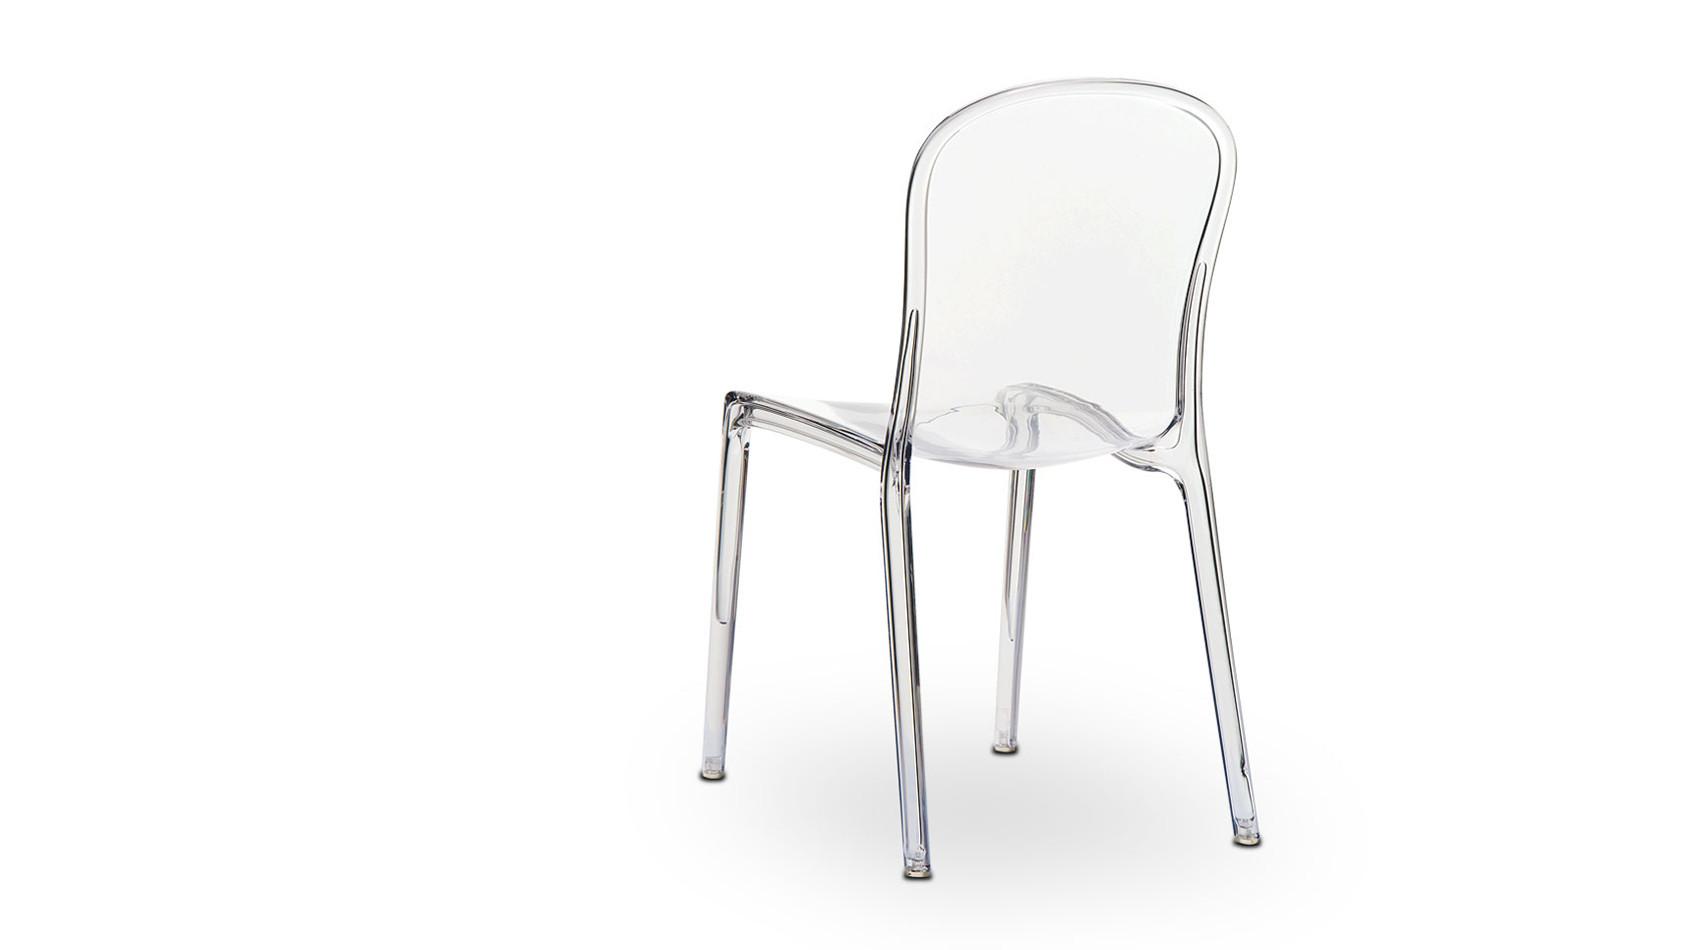 Durchsichtiger Acryl Plexiglas Victoria Ghost Stuhl in transparent Glasklar.